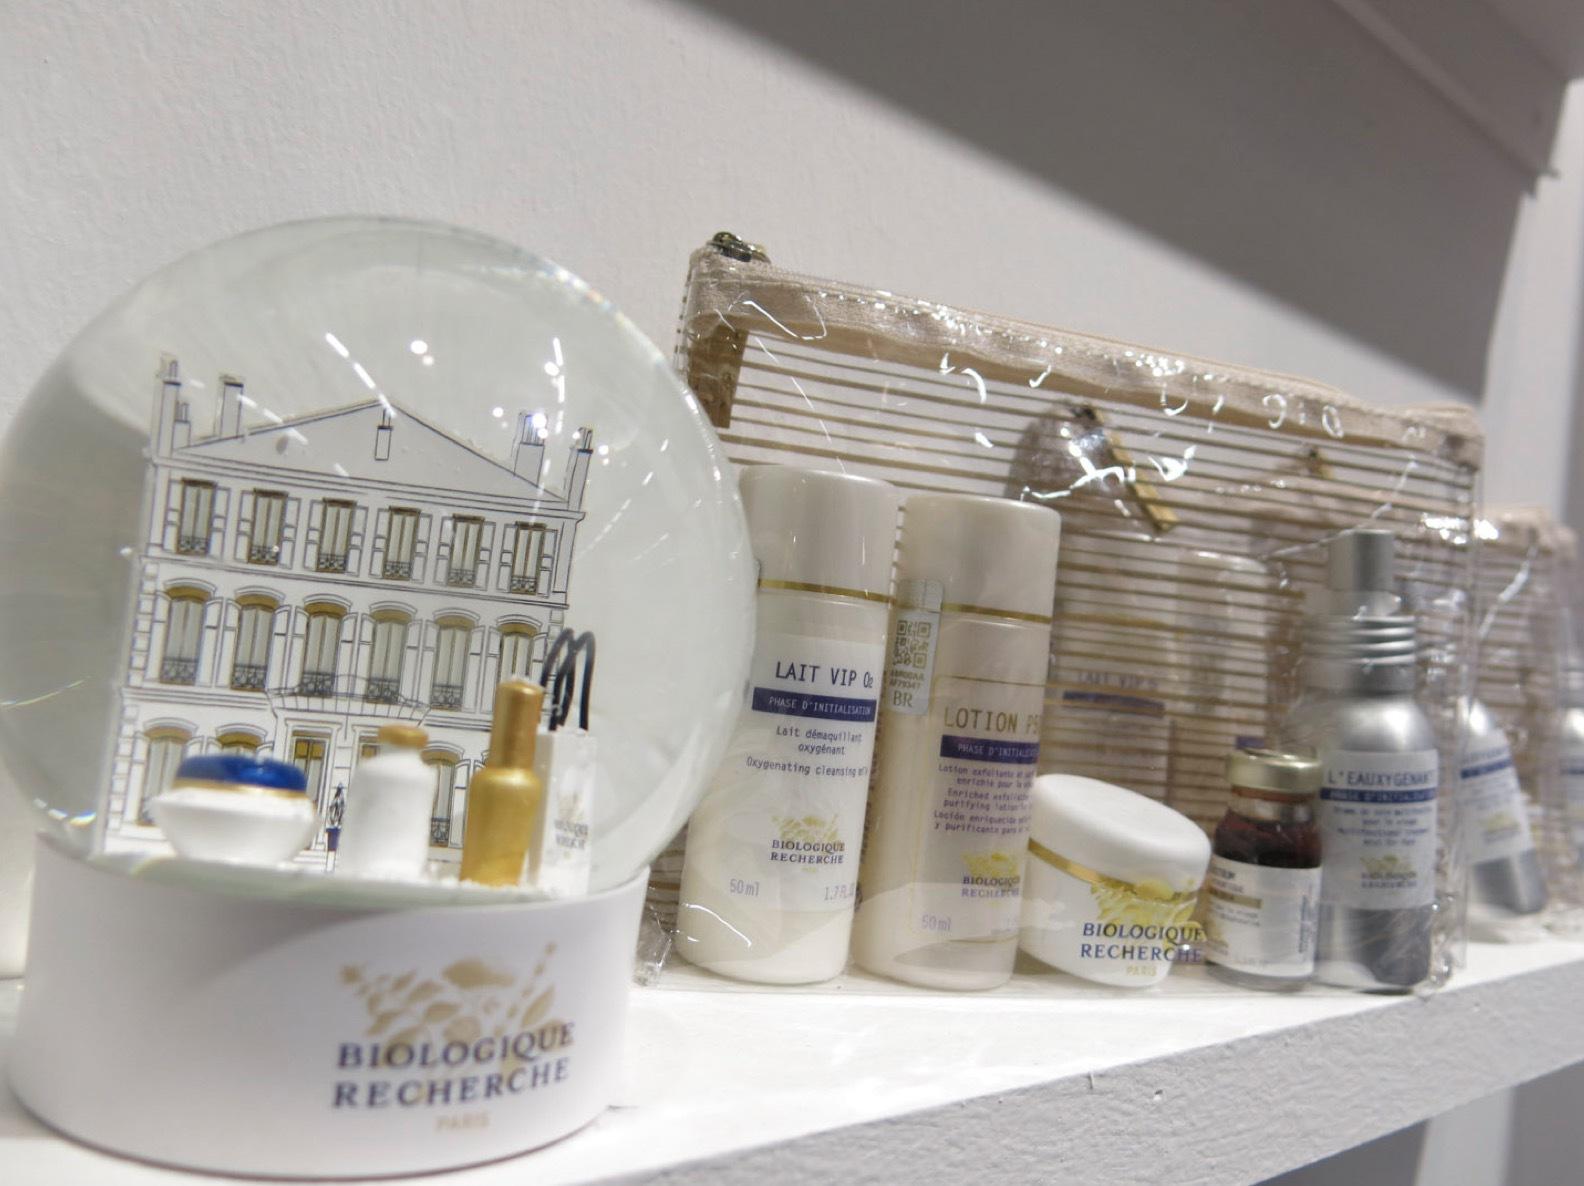 'Haute couture' hudvårdsmärket- och smått kultförklarade Biologique Recherche harflera decennier av forskning i bagaget och säljs i över 70 länder. Jag älskar 70-talskänslan i deras förpackningar.